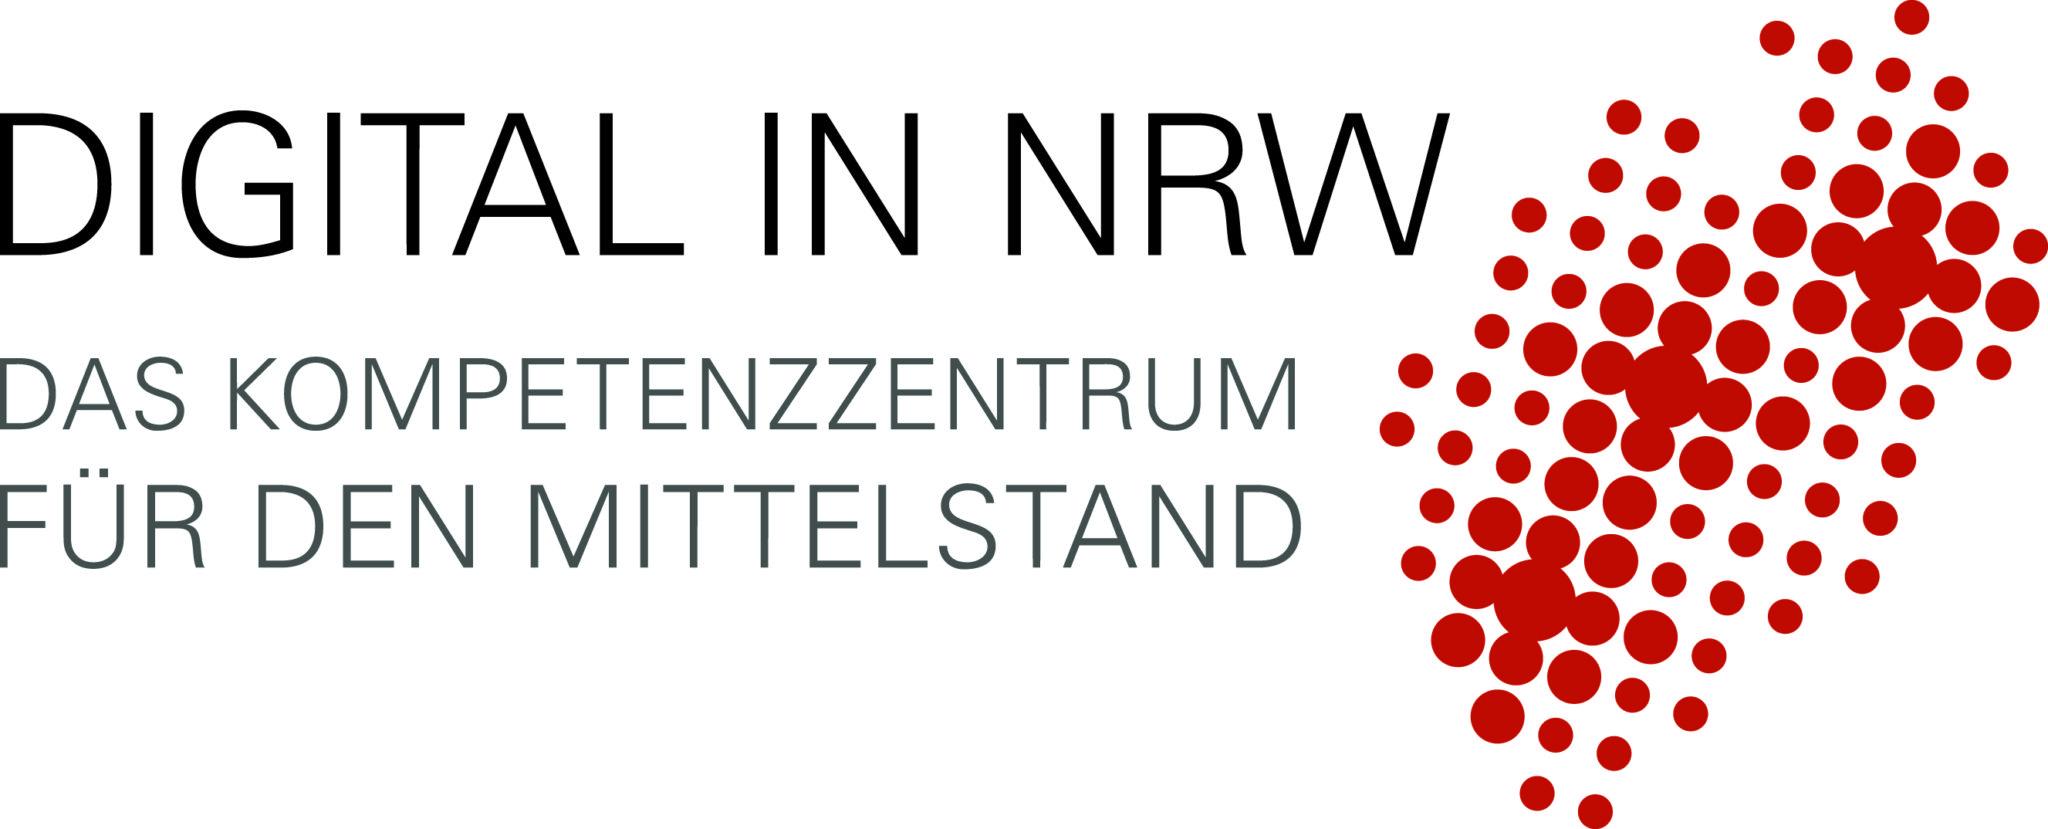 Vergangene Veranstaltungen - wfc Wirtschaftsförderung Kreis Coesfeld